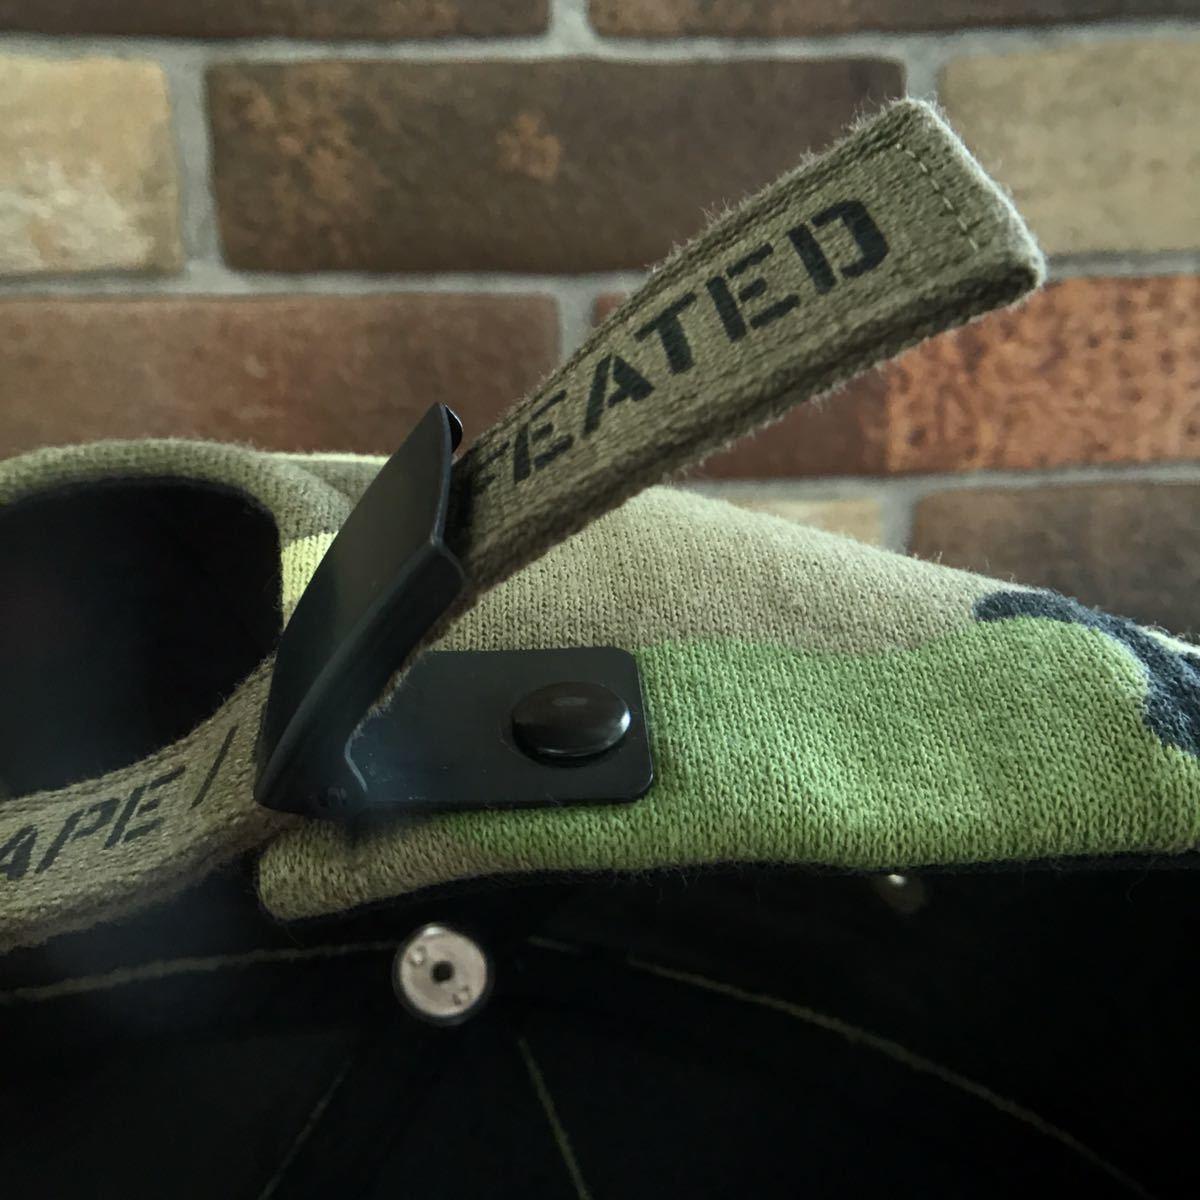 ★美品★ undefeated × BAPE キャップ a bathing ape Gradation camo trucker hat cap エイプ ベイプ アベイシングエイプ 迷彩 帽子 2152